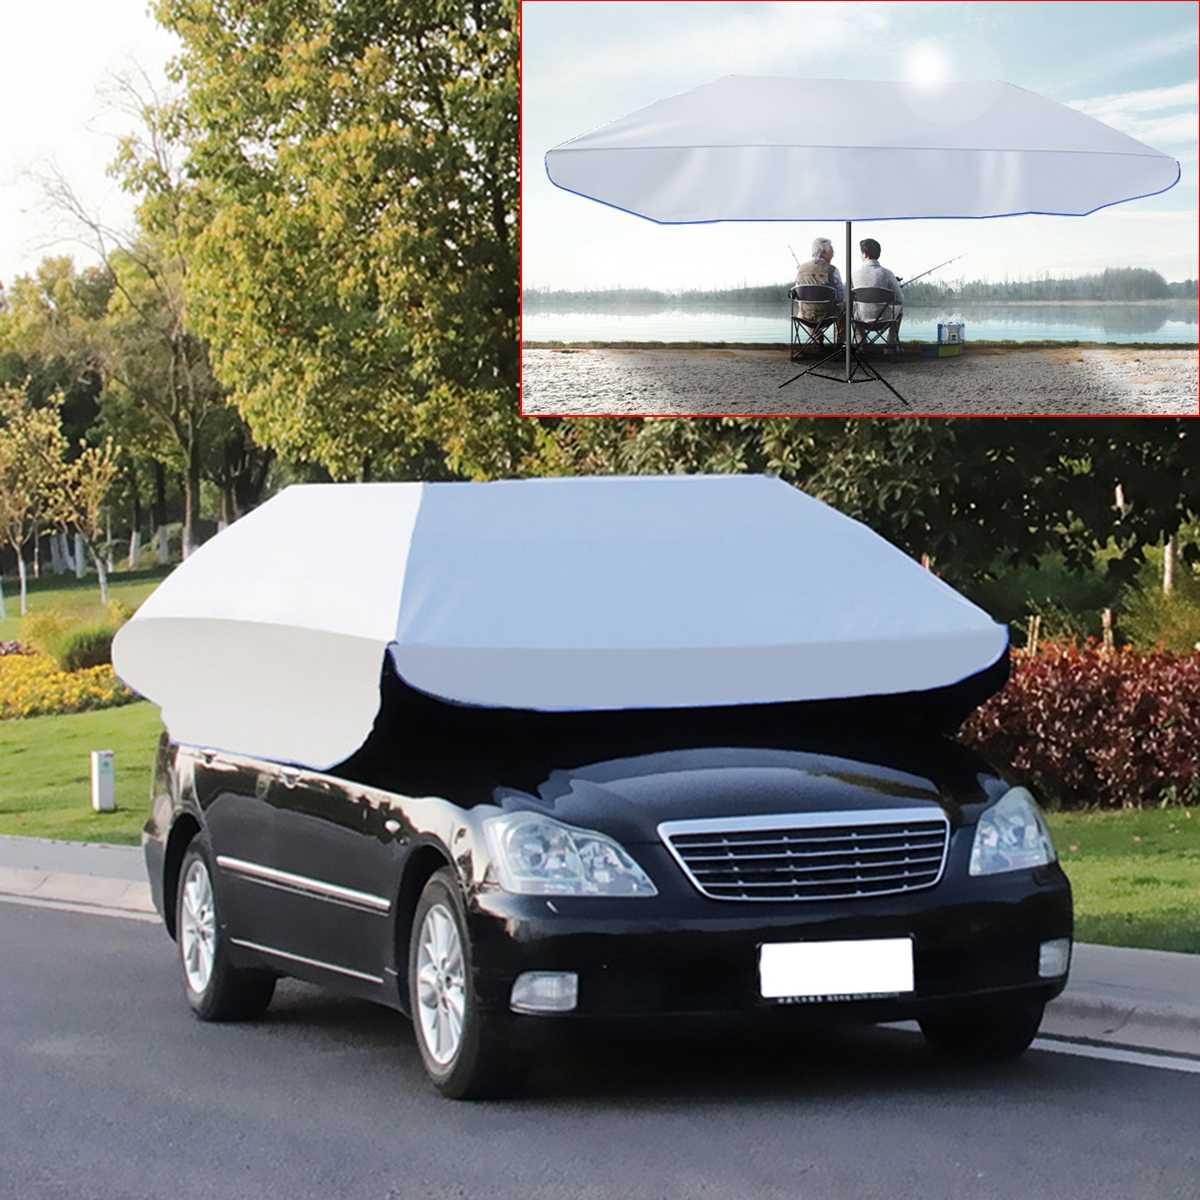 Imperméable à l'eau Anti UV complètement automatique en plein air voiture véhicule tente parapluie parasol couverture de toit voiture parapluie soleil ombre tissu remplaçable